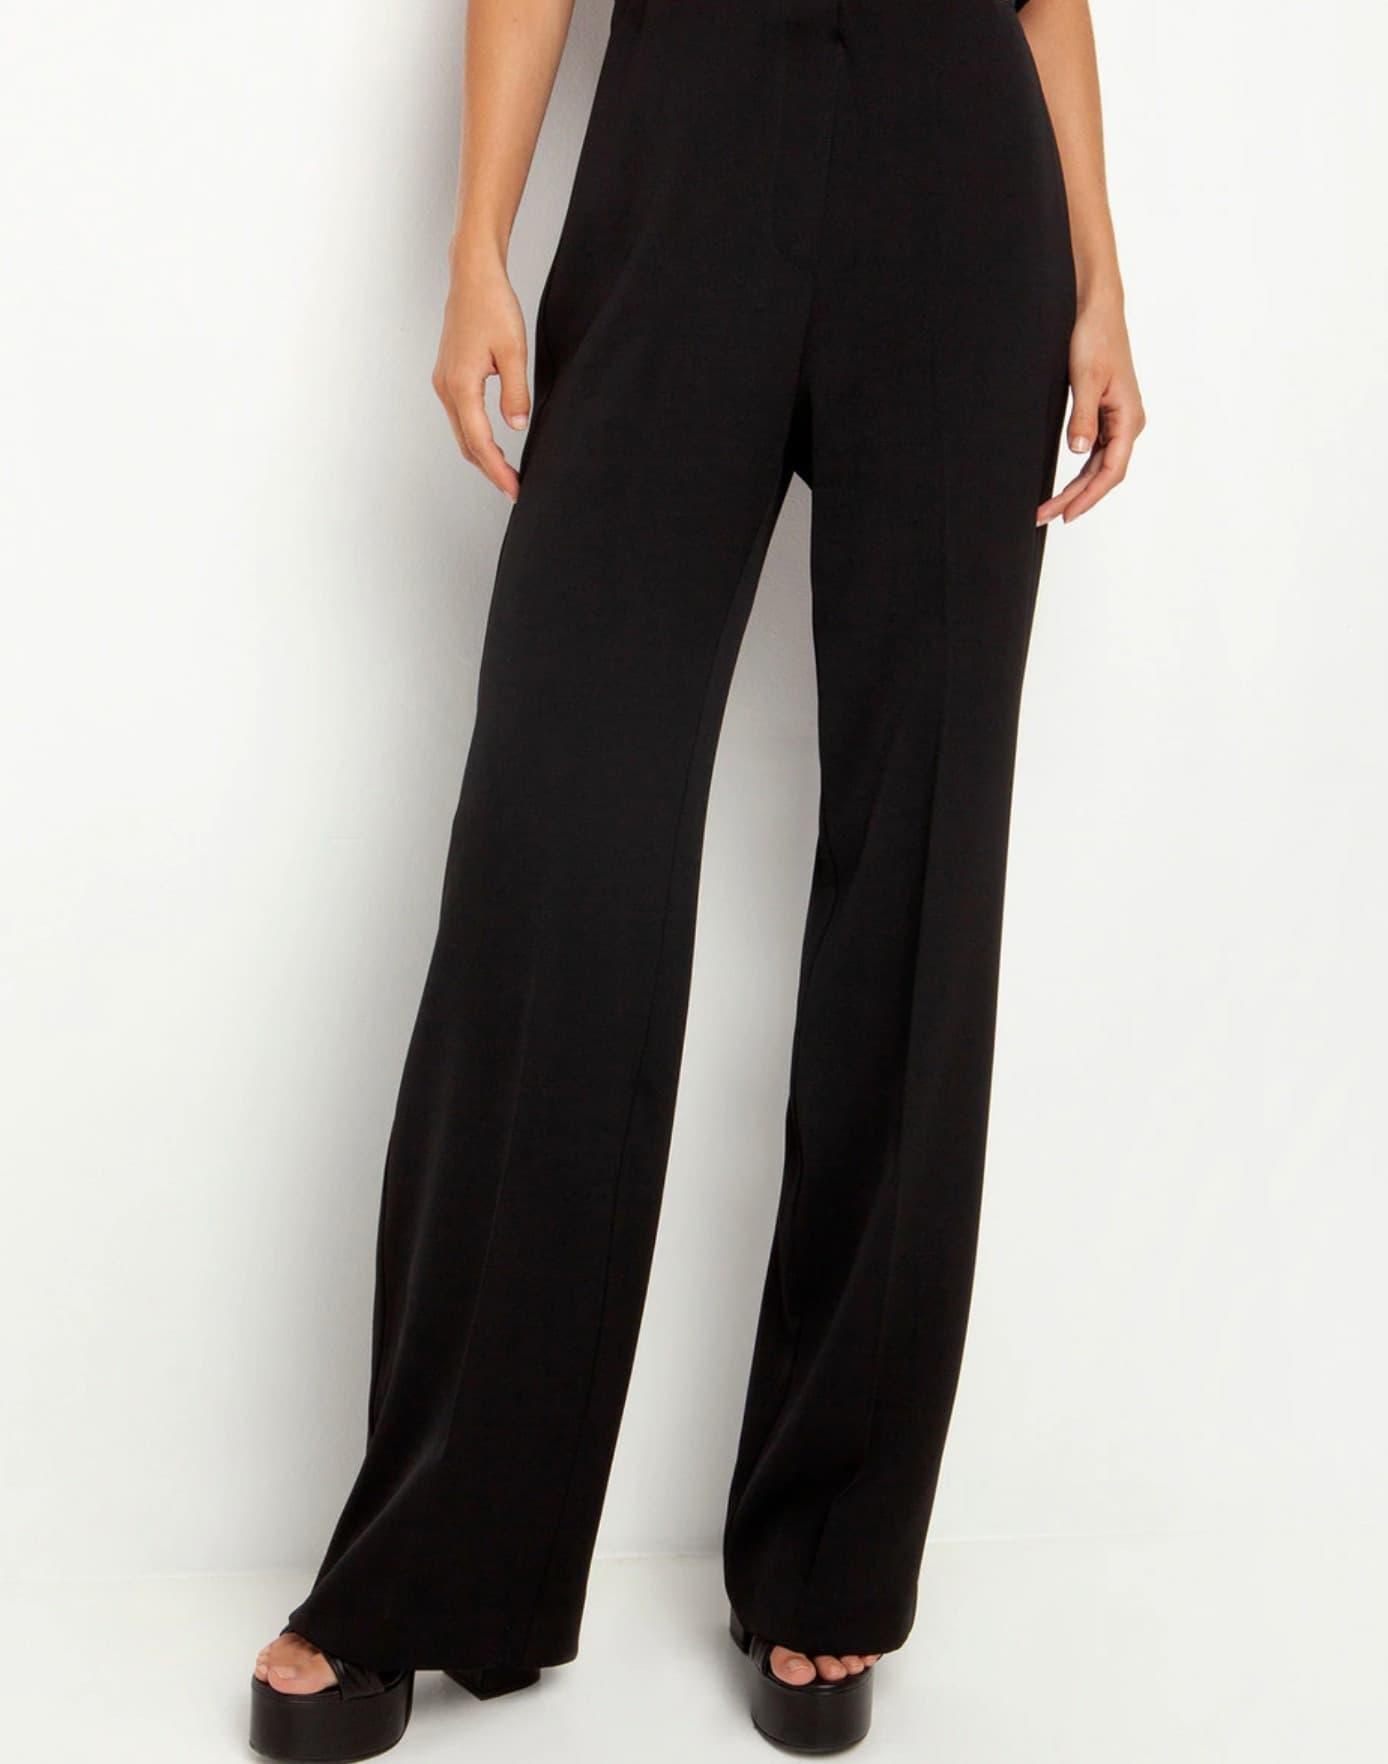 Pantalones de campana de mujer anchos con cintura alta